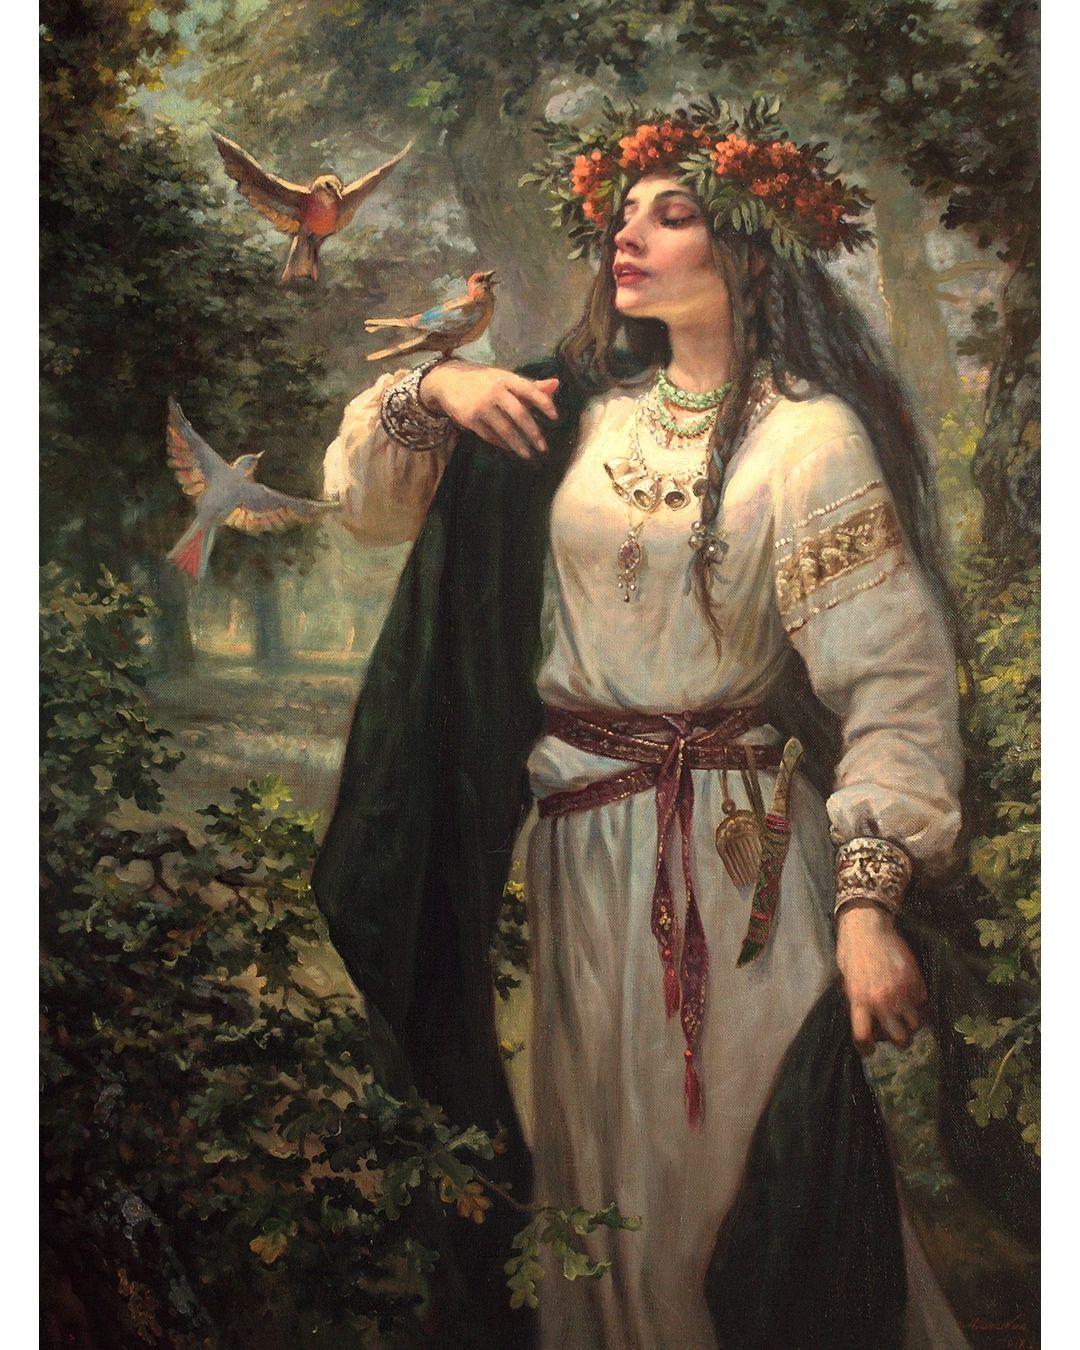 славянские боги и богини красивые картинки если